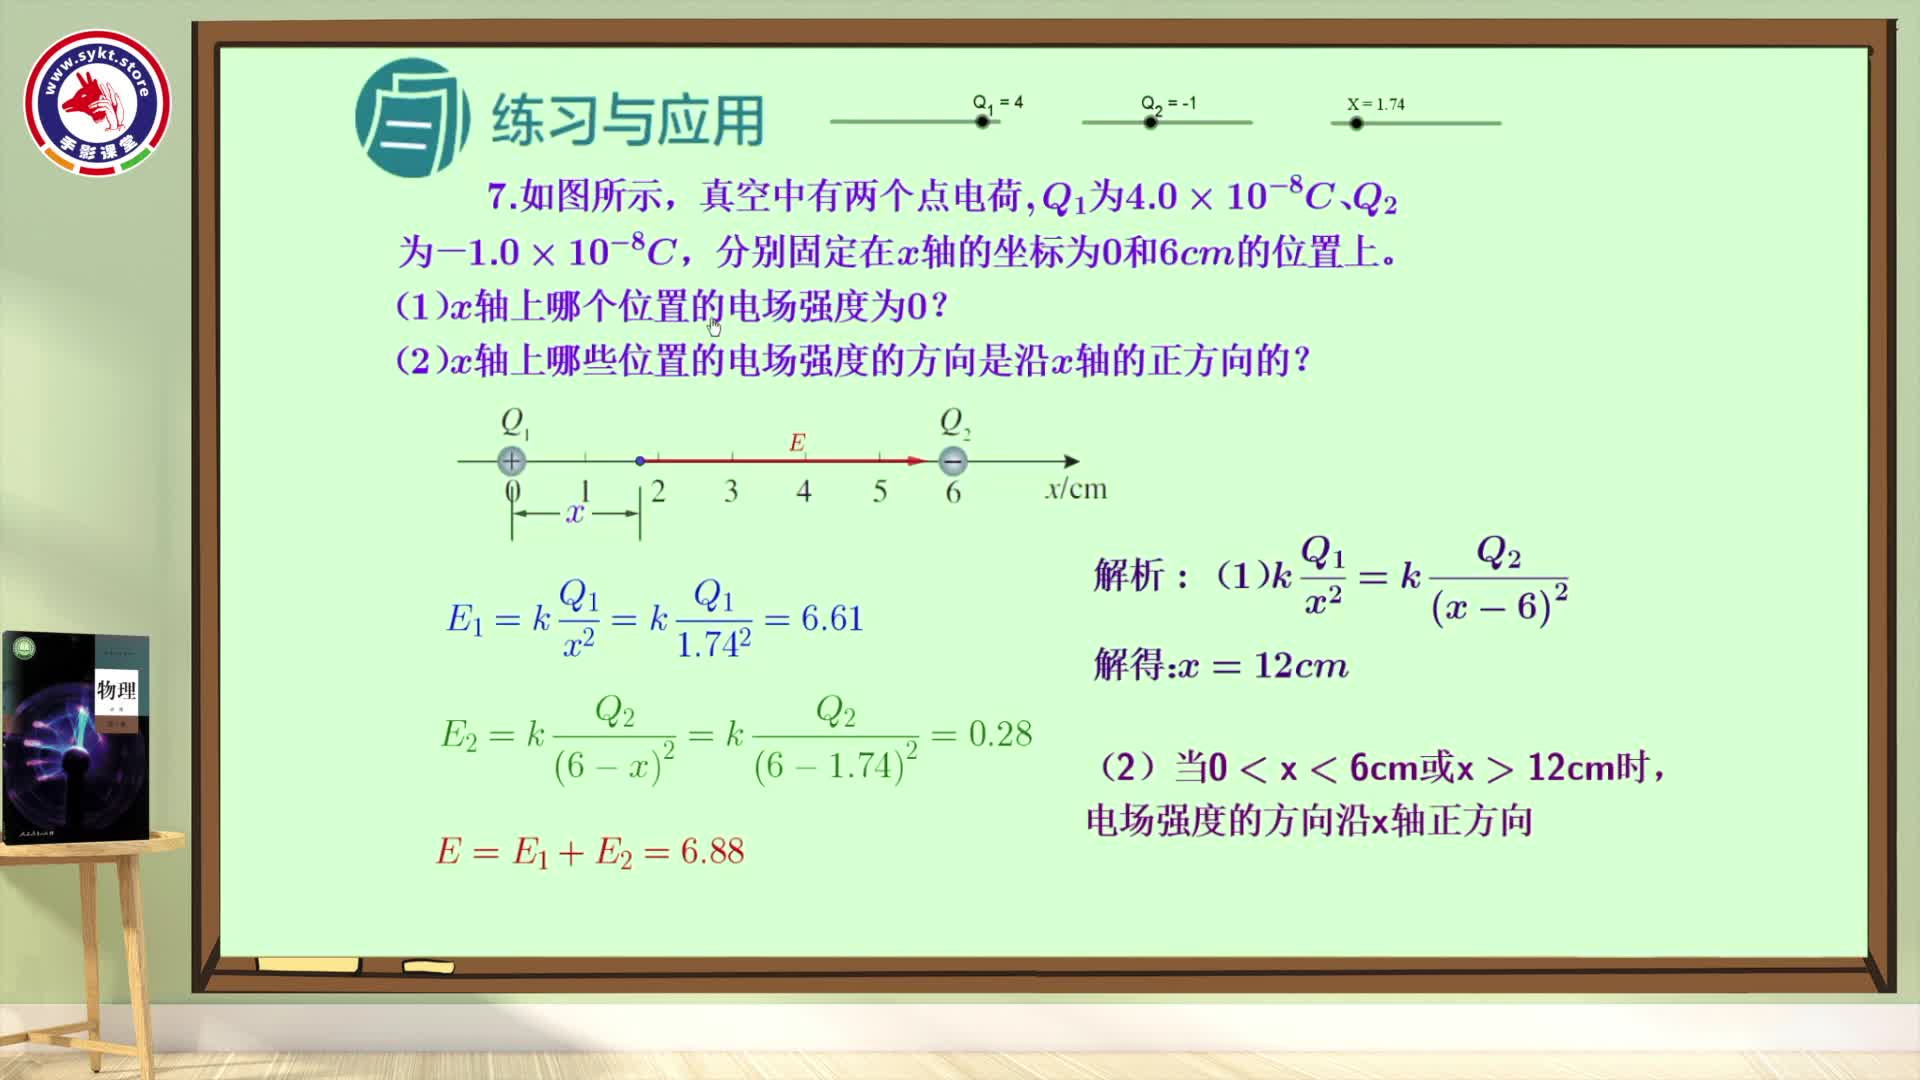 (视频)9.3电场 电场强度—练习与应用第7题(习题精讲)-【手影物理】2021-2022学年新教材高中物理必修第三册(人教版)